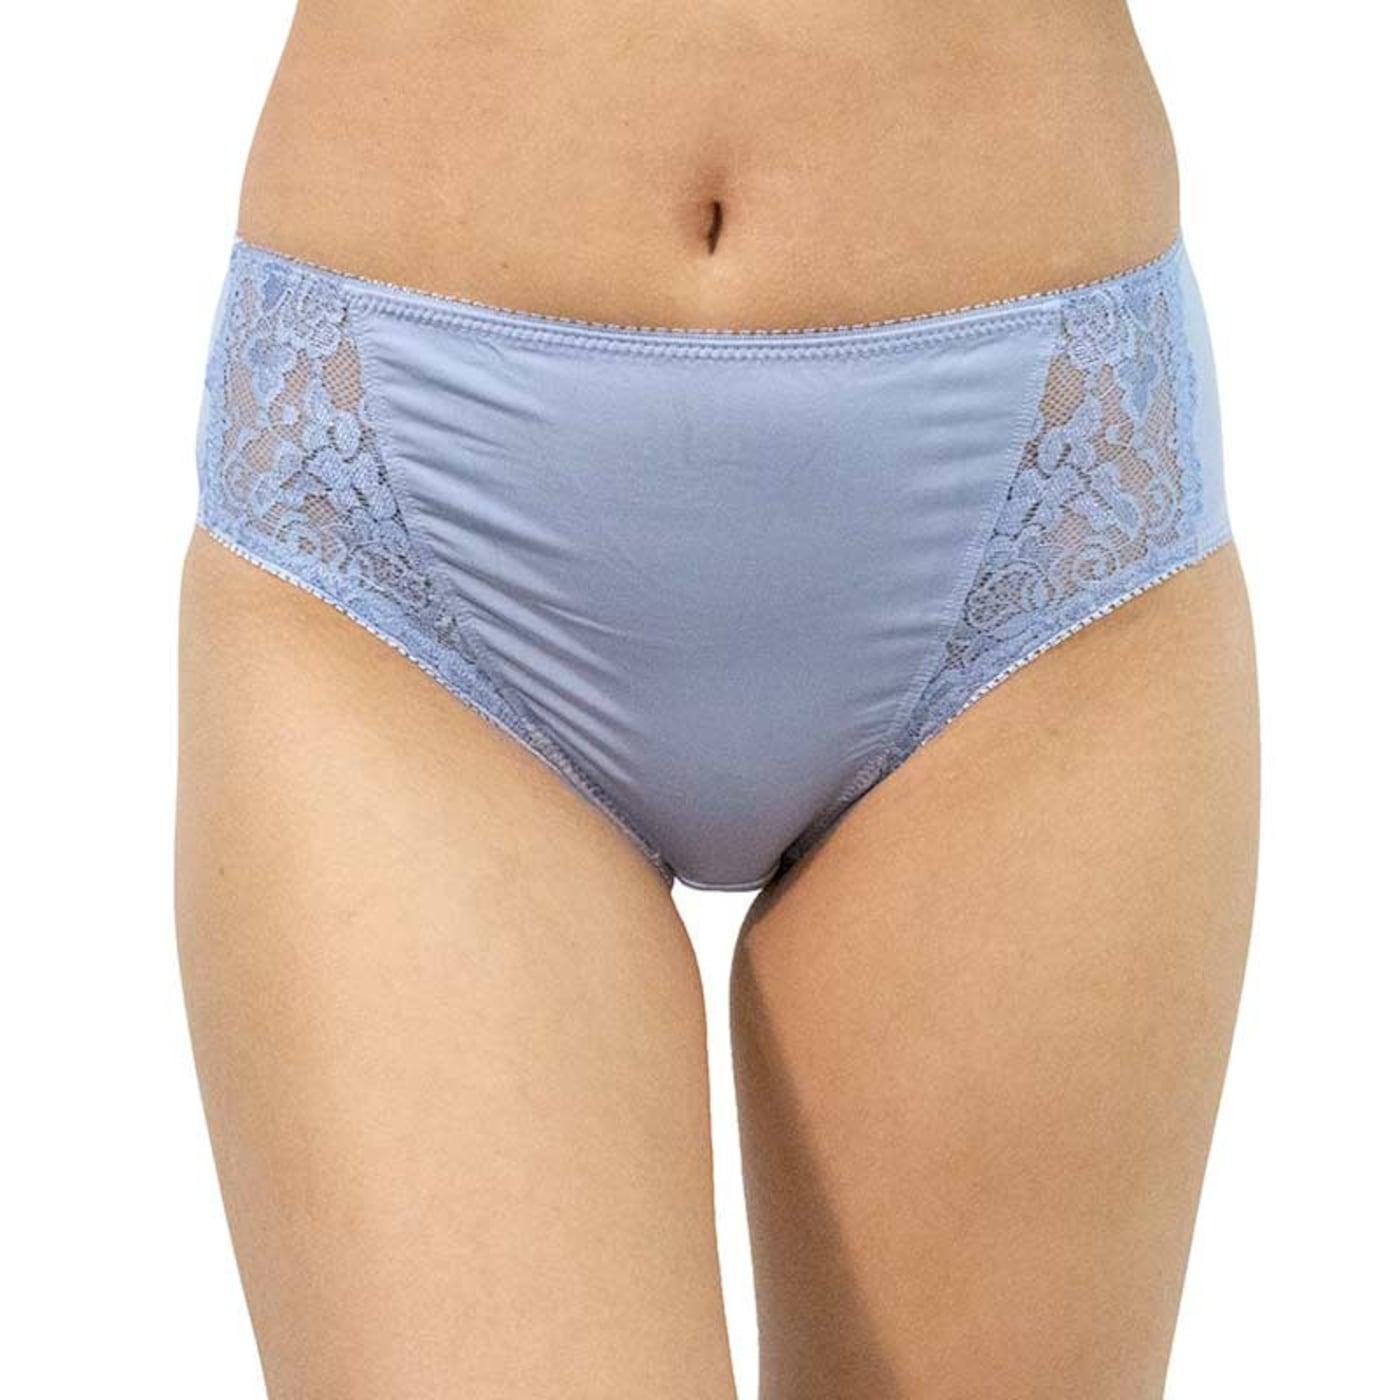 Women's panties Gina blue with lace  dámské Neurčeno L